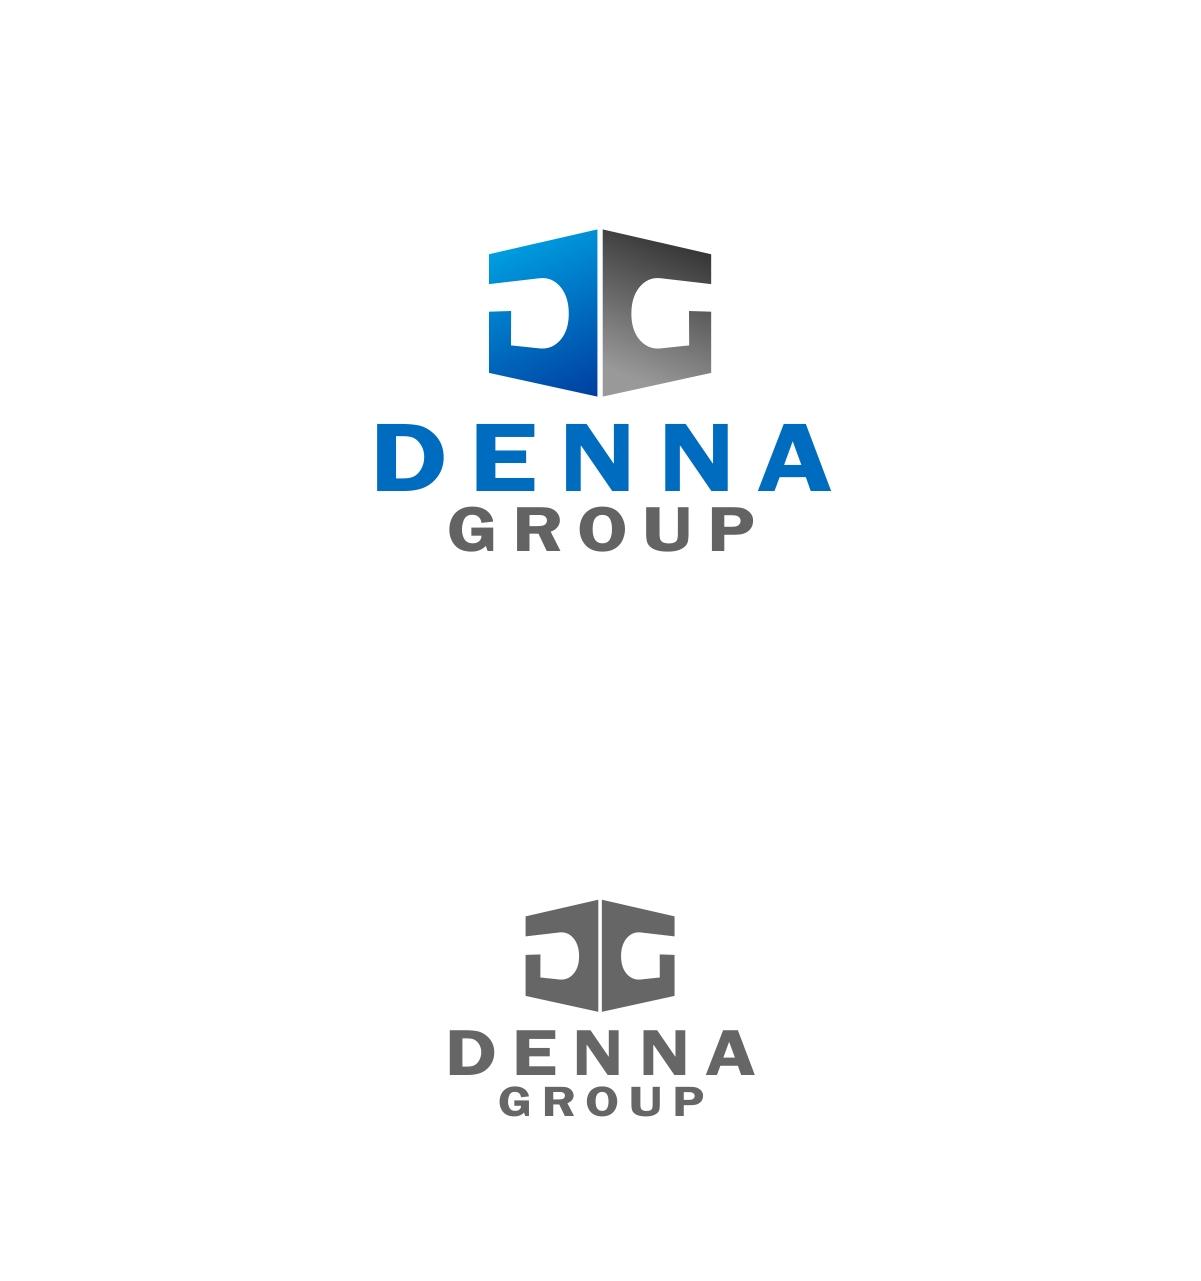 Logo Design by haidu - Entry No. 63 in the Logo Design Contest Denna Group Logo Design.